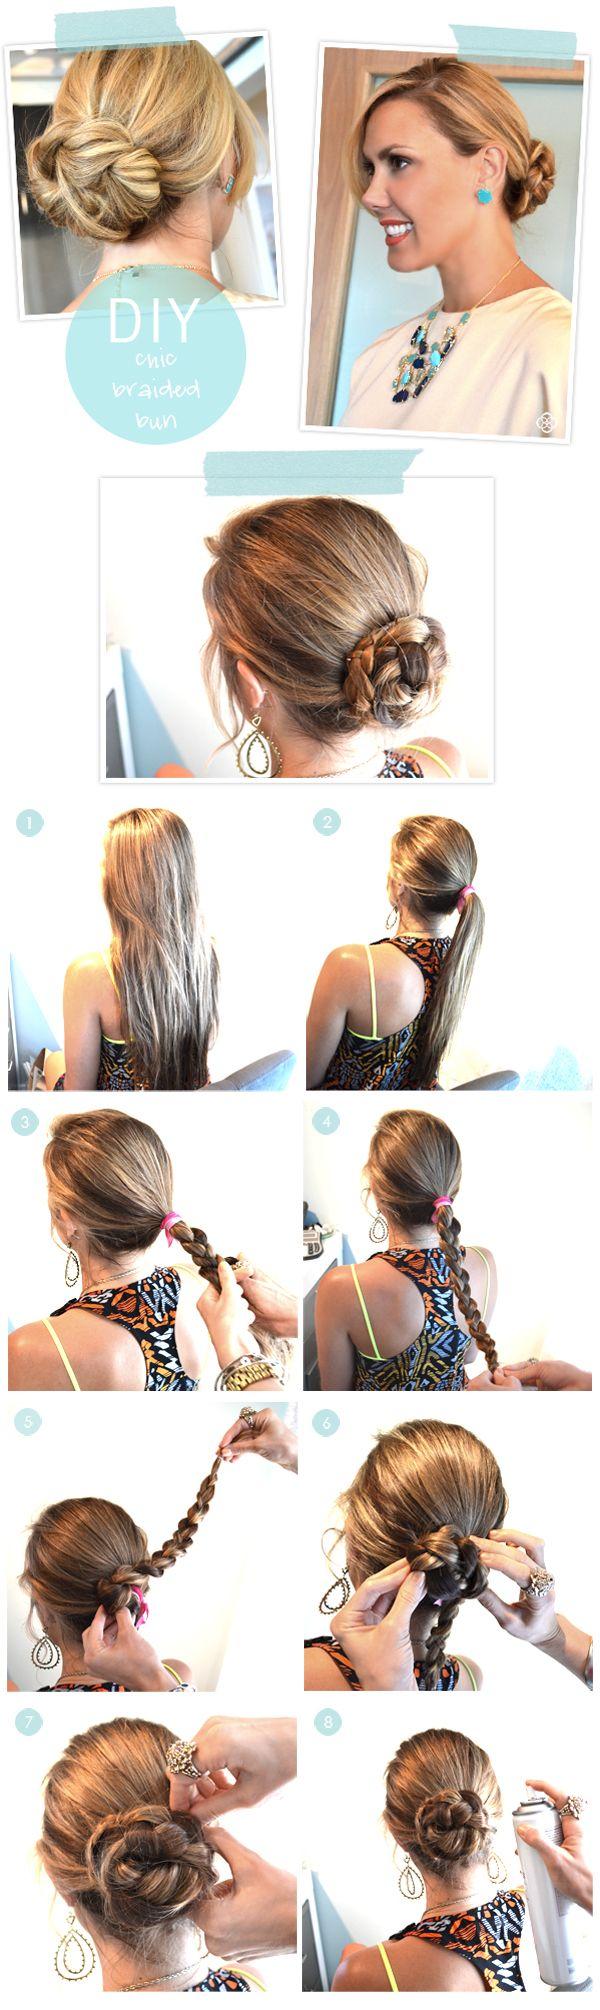 Chic Braided Bun #hair #tutorial: Bun Hair, Chic Braids, Braided Buns, Hairstyles, Buns Hair Tutorials, Long Hair, Longhair, Hair Style, Braids Buns